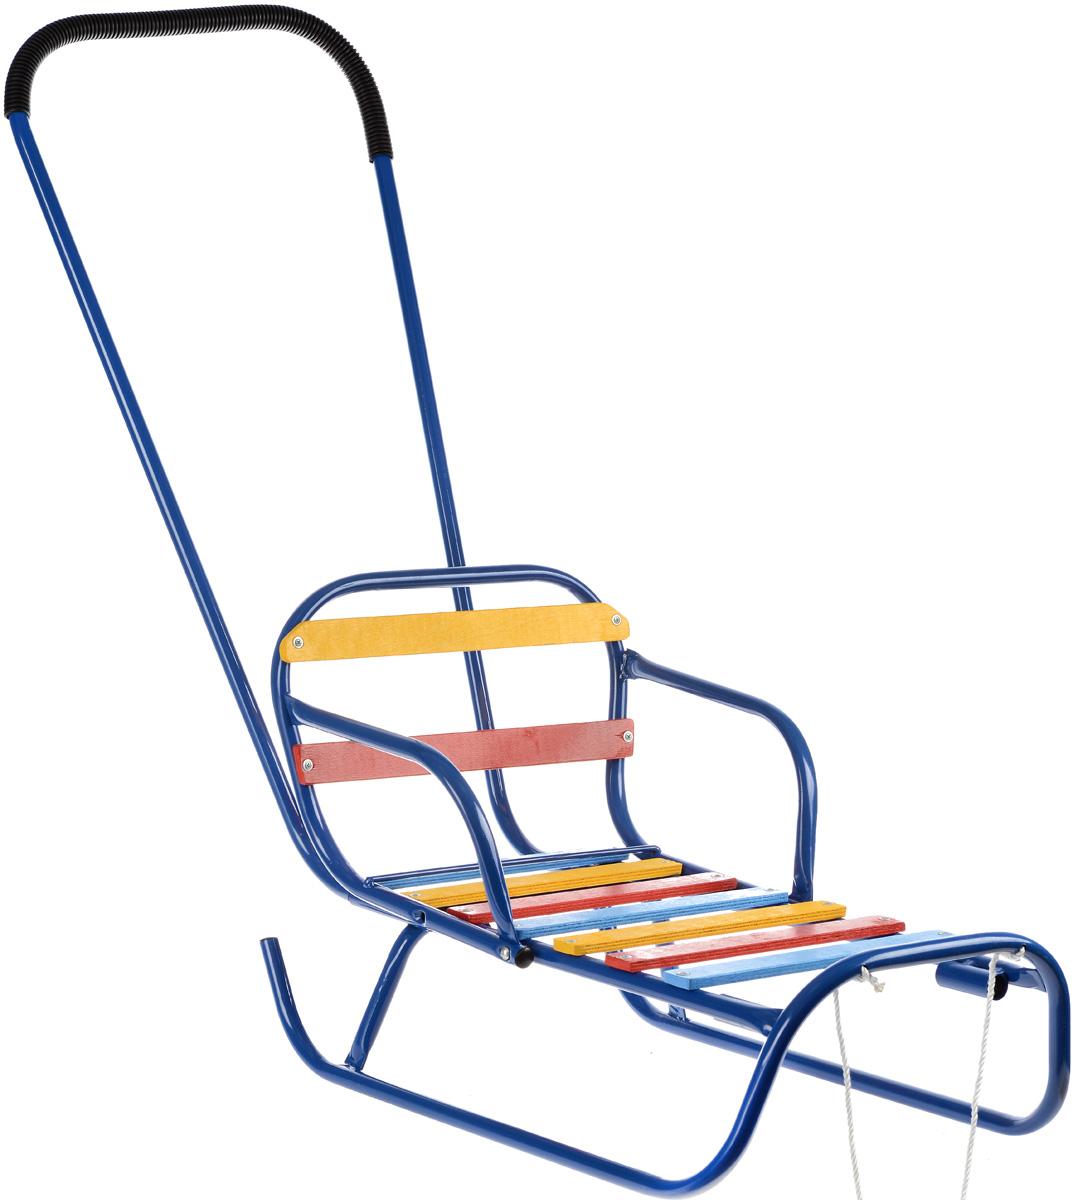 Санки-трансформер, со съемным толкателем и спинкой, цвет: синий. З-1145.08РЗ-1145.08_синийСанки-трансформер, со съемным толкателем и спинкой, цвет: синий. З-1145.08